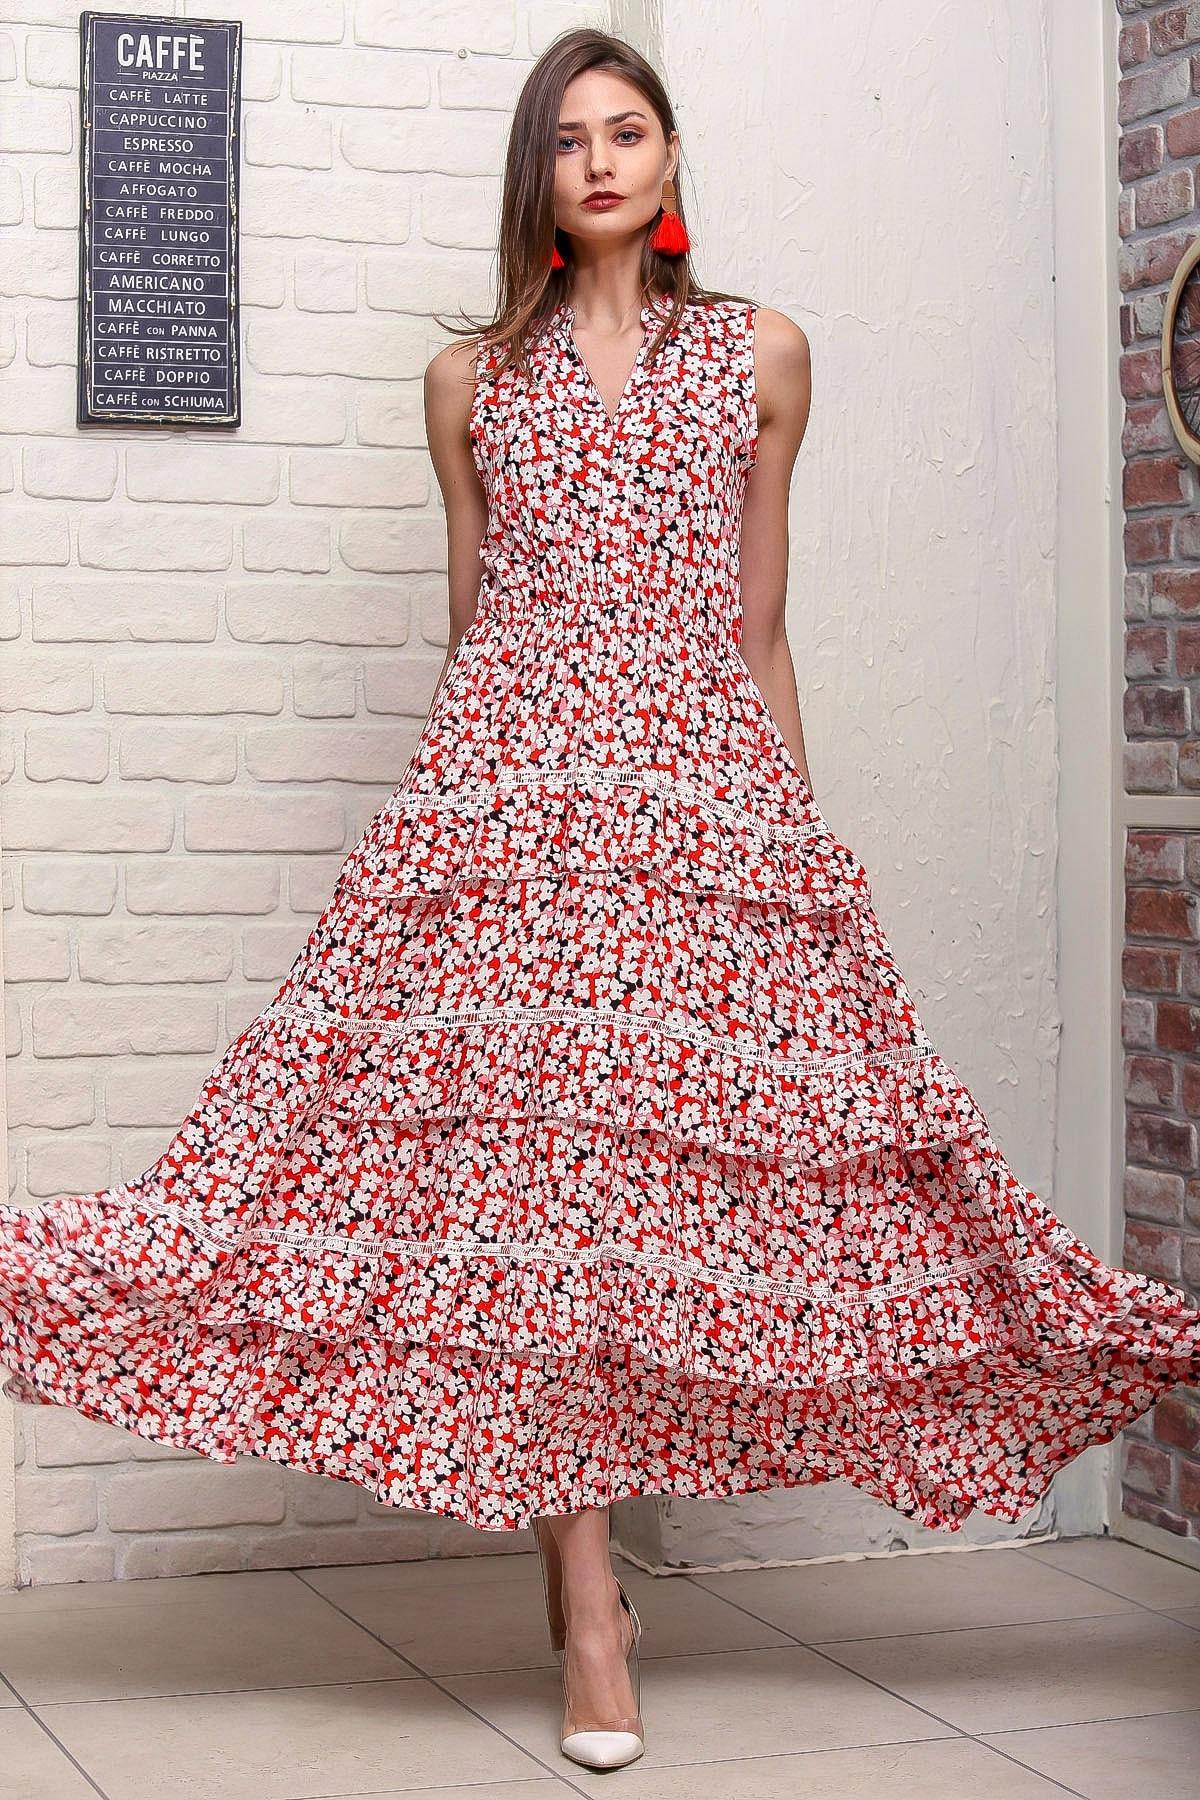 Chiccy Kadın Kırmızı Çıtır Çiçek Desenli Dantel Detaylı Kat Kat Kloş Dokuma Elbise M10160000EL95881